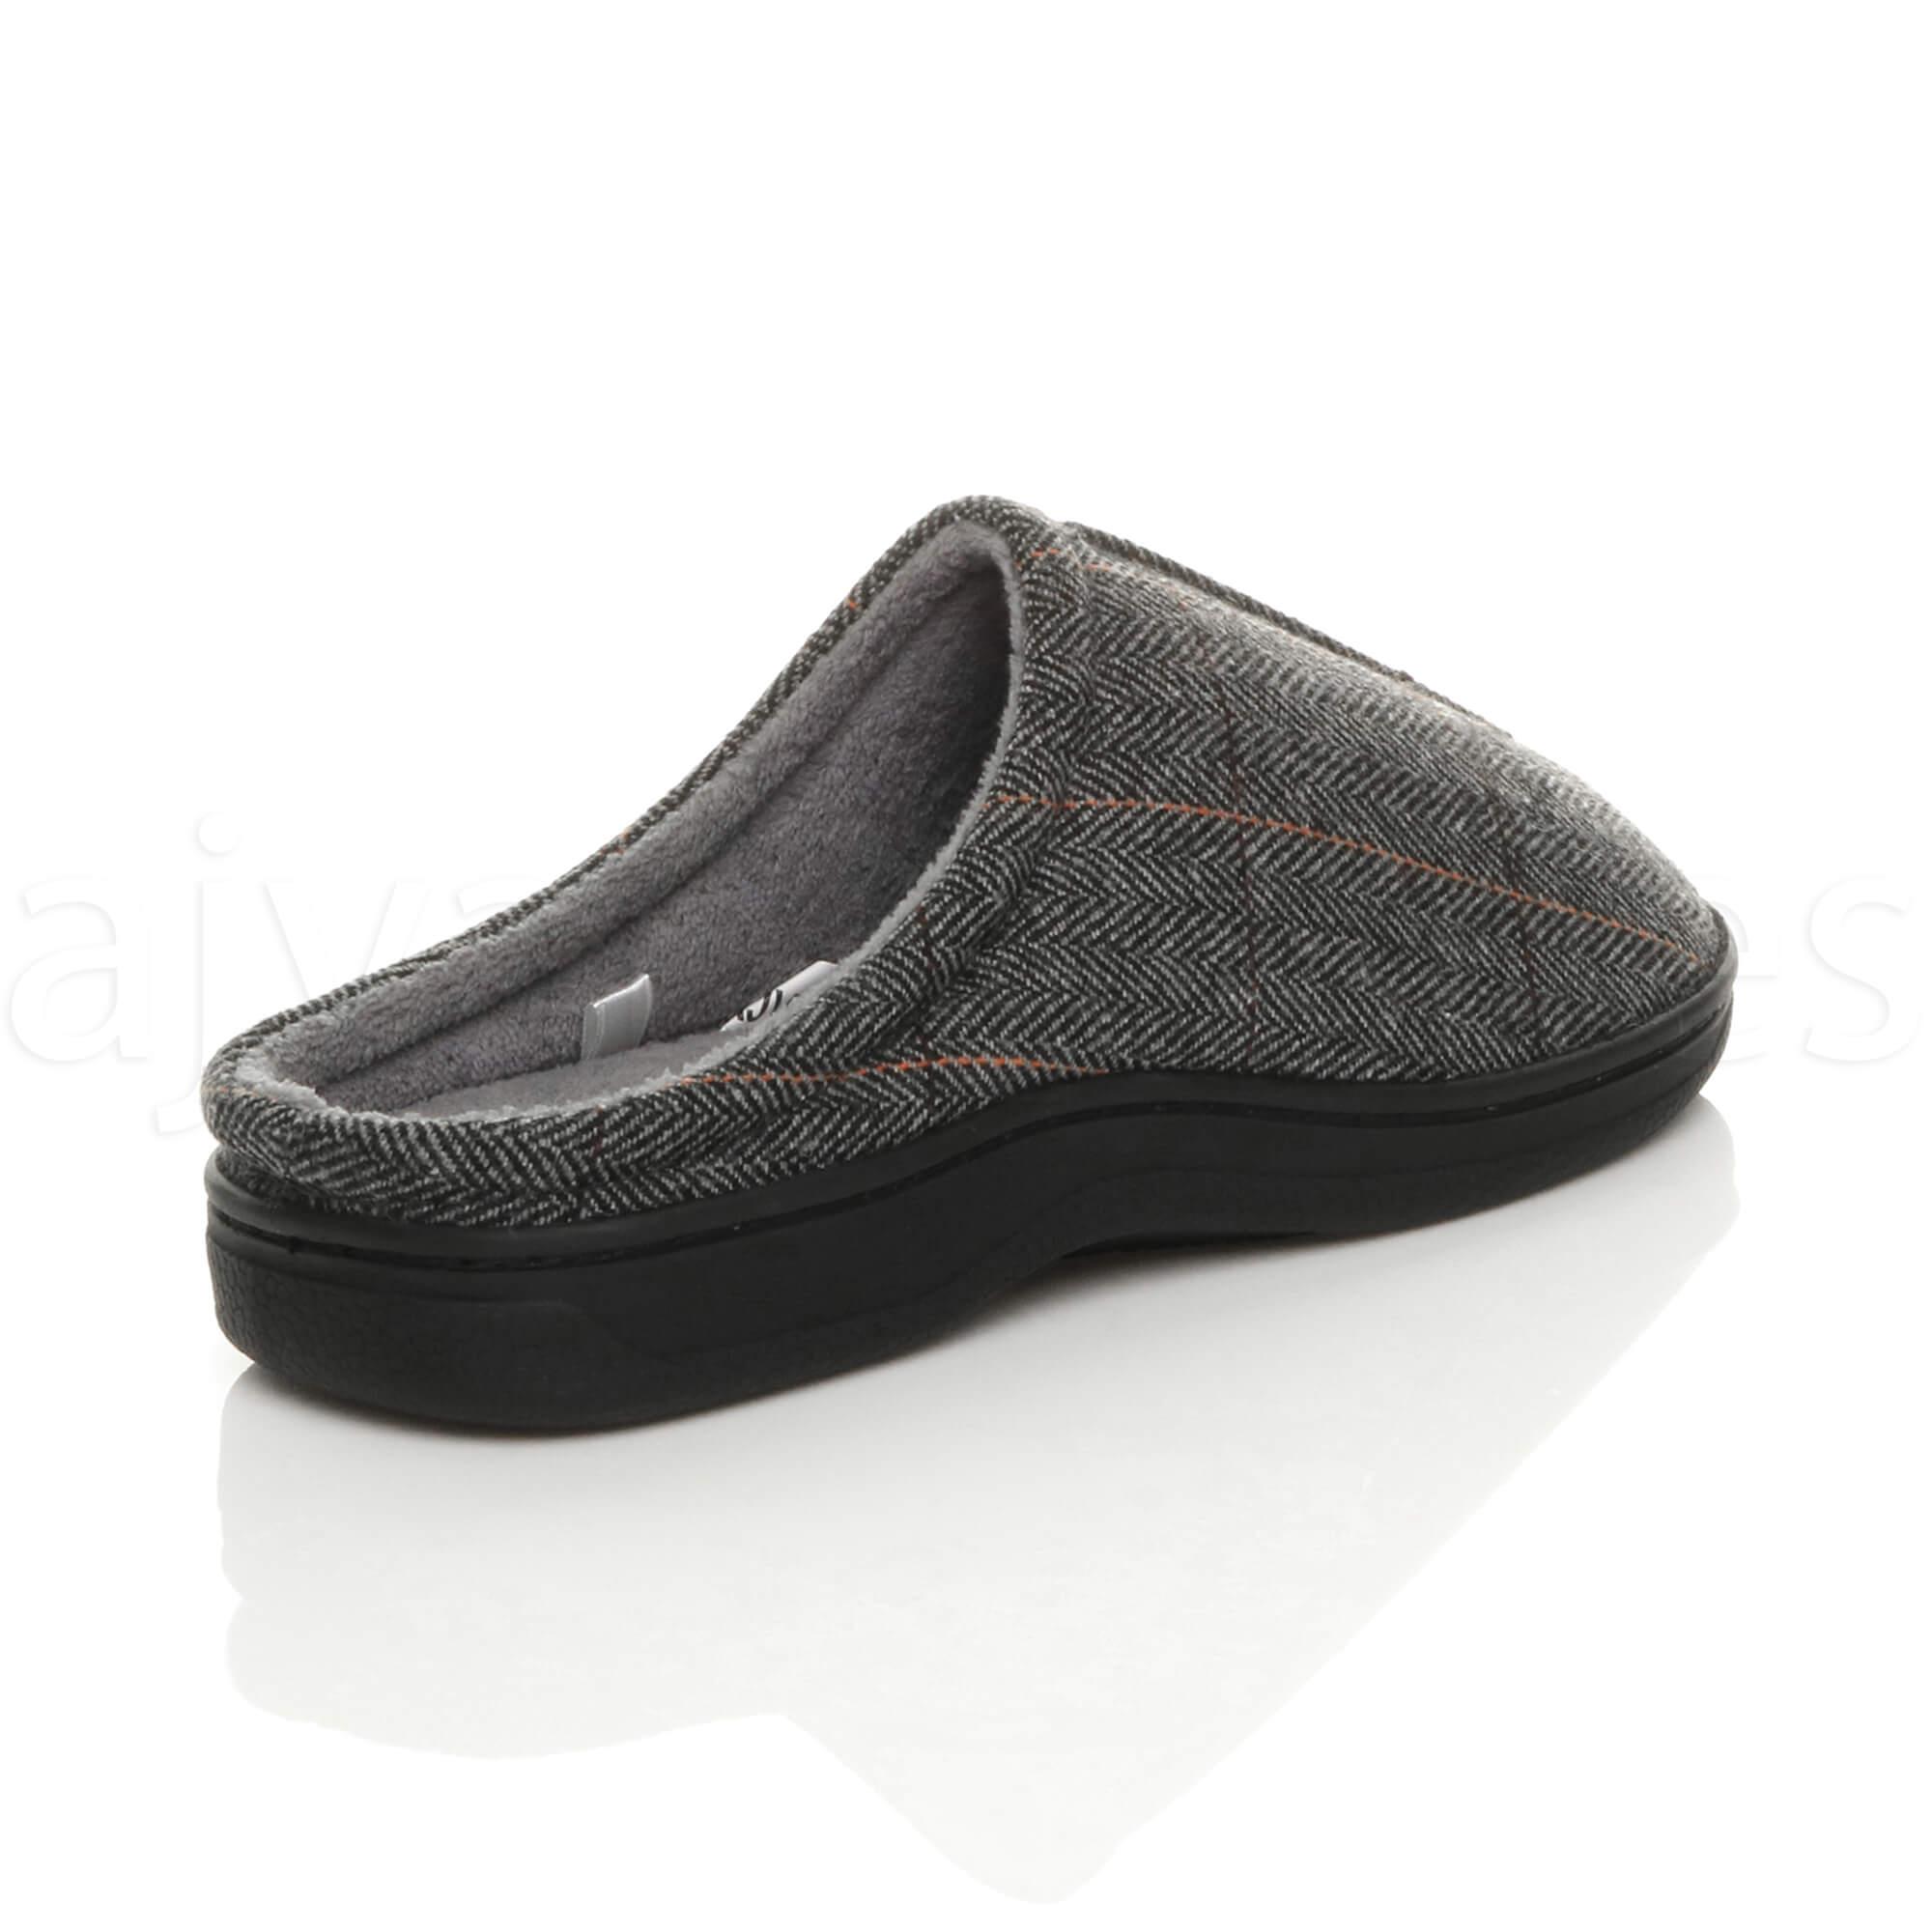 Homme d/'Hiver Plates Fourrure Doublé Lacet Mousse à Mémoire Cadeau Mules Pantoufles Chaussures Taille